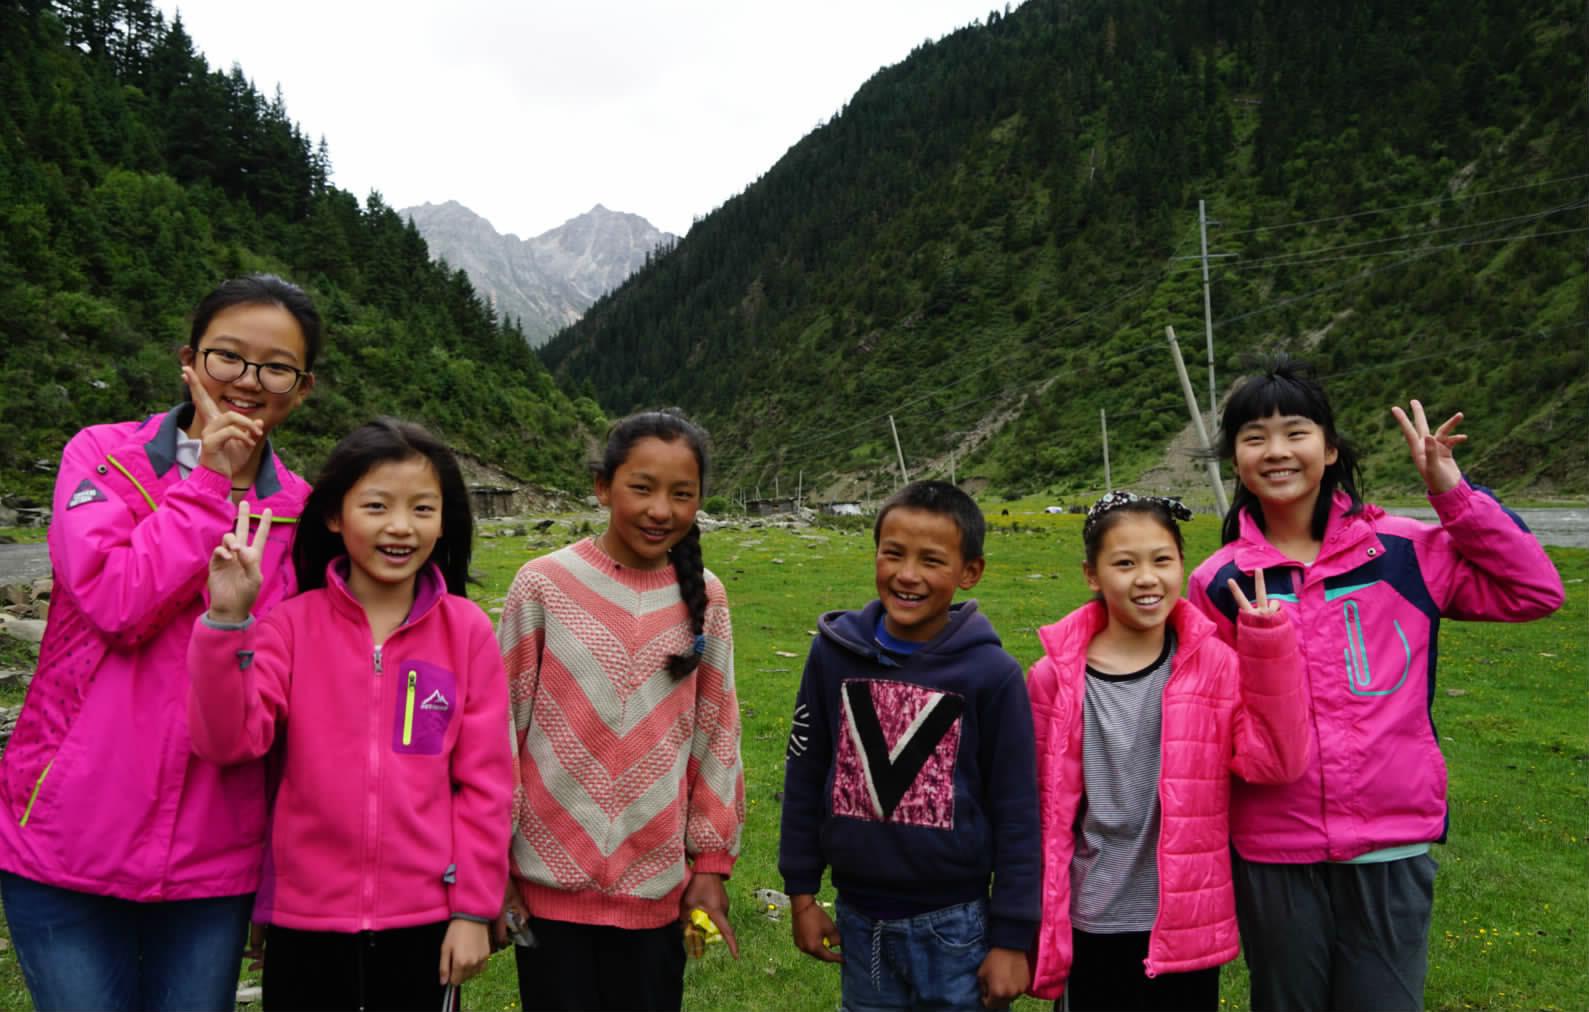 七八月暑假带孩子去西藏自驾游有哪些注意事项